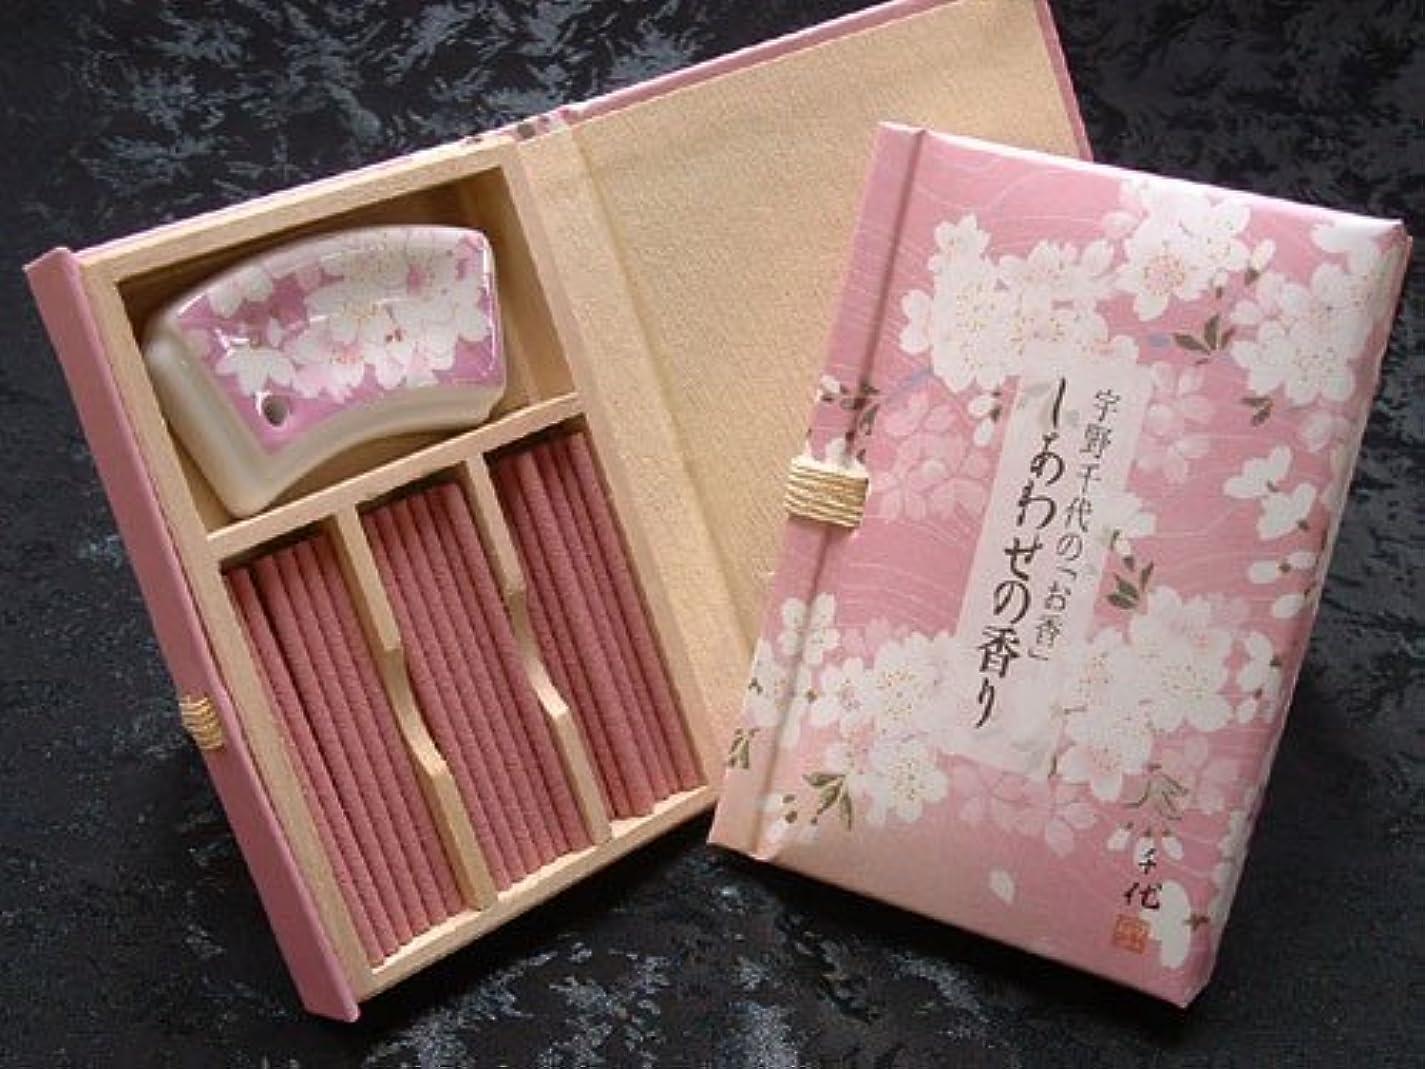 感覚自分を引き上げるオフ日本香堂のお香 宇野千代 しあわせの香り 文庫型 スティック36本入り